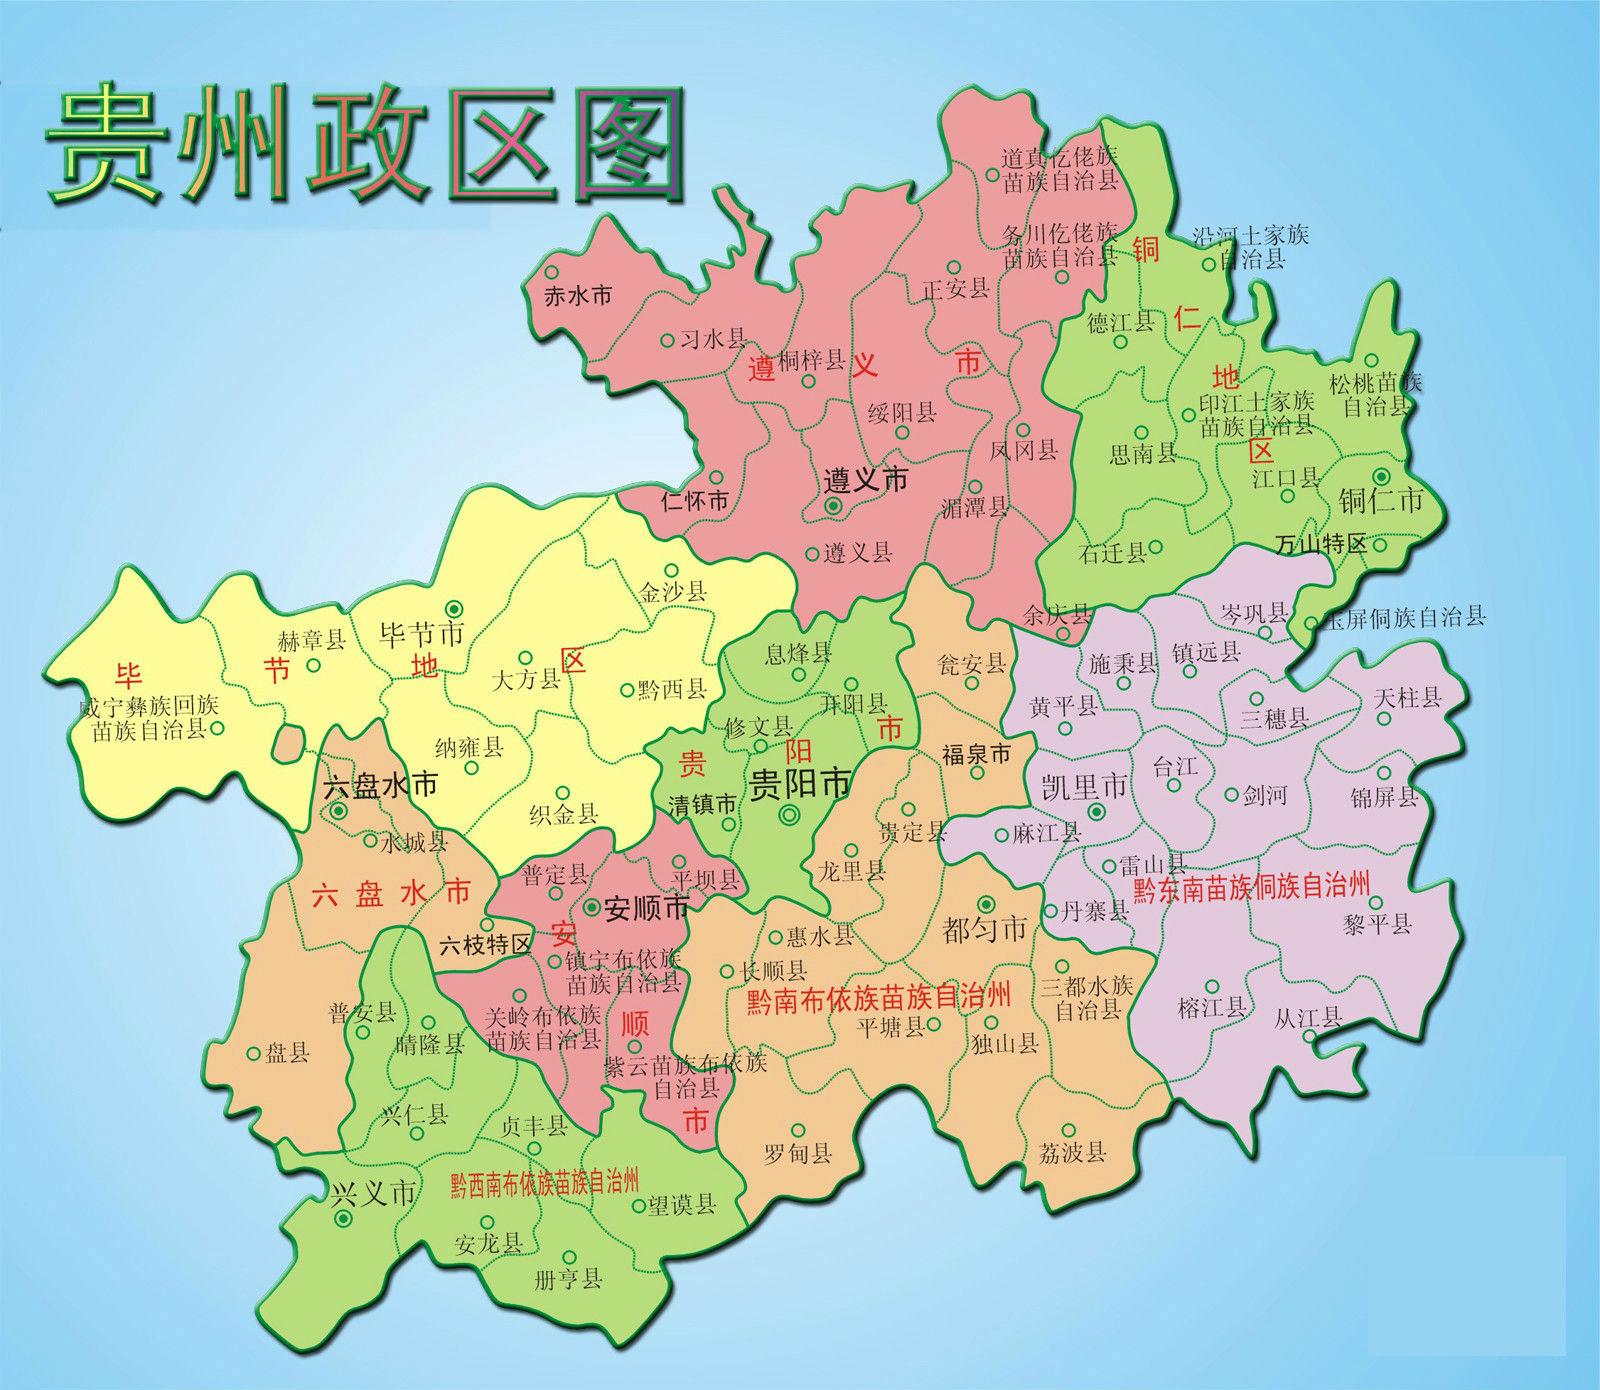 贵州省政区图,贵州行政区划图